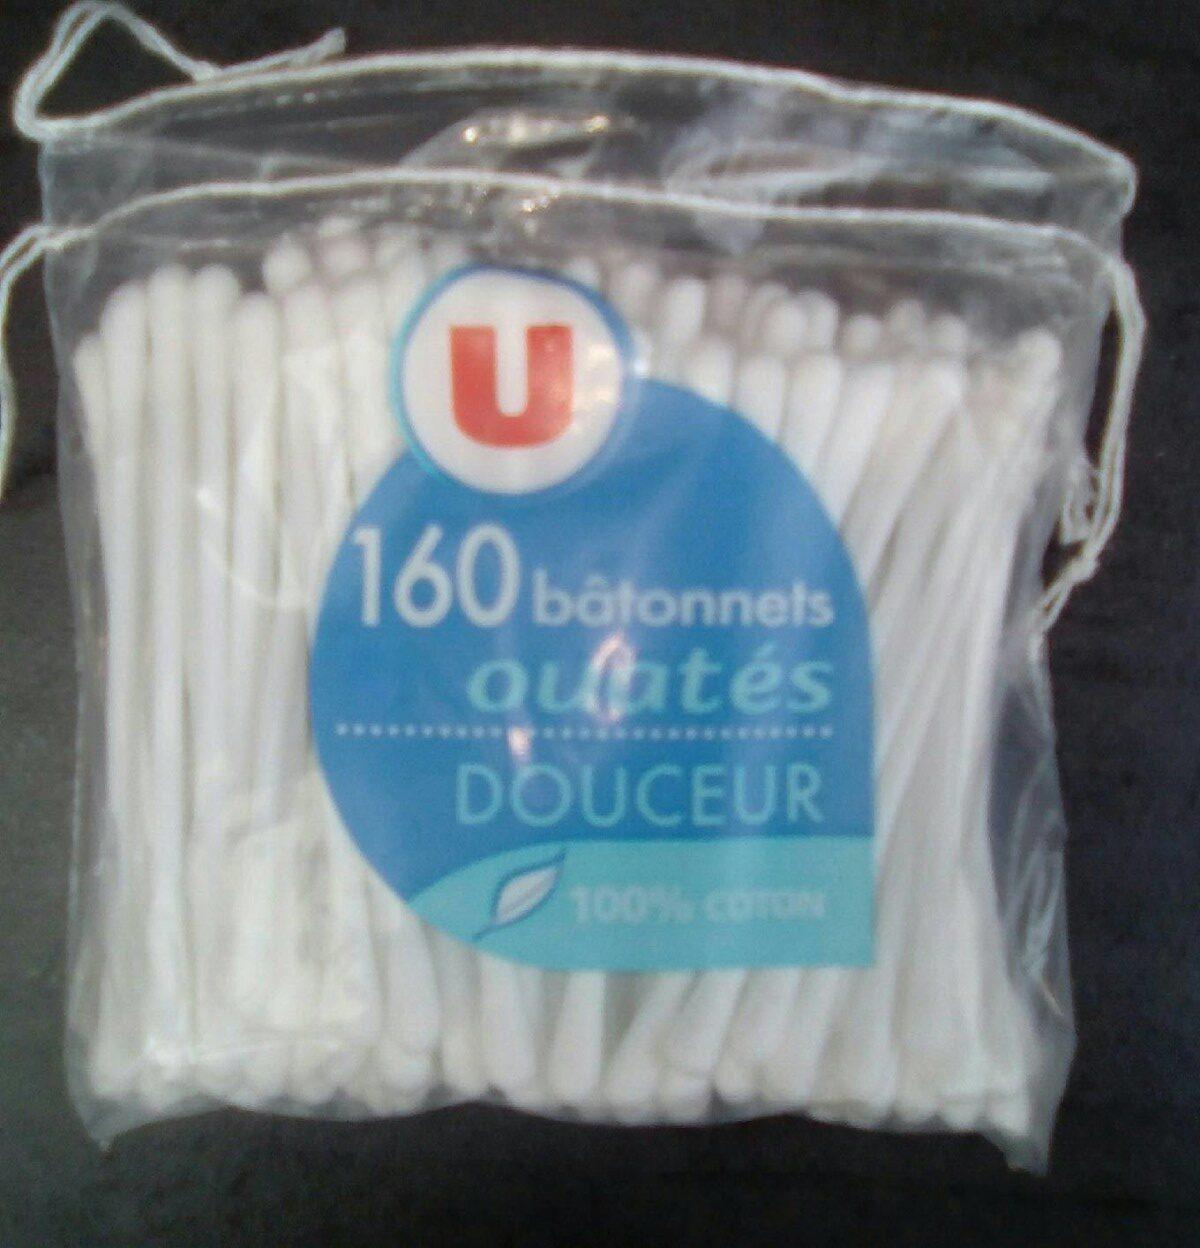 160 bâtonnets ouatés douceur 100% coton - Product - fr